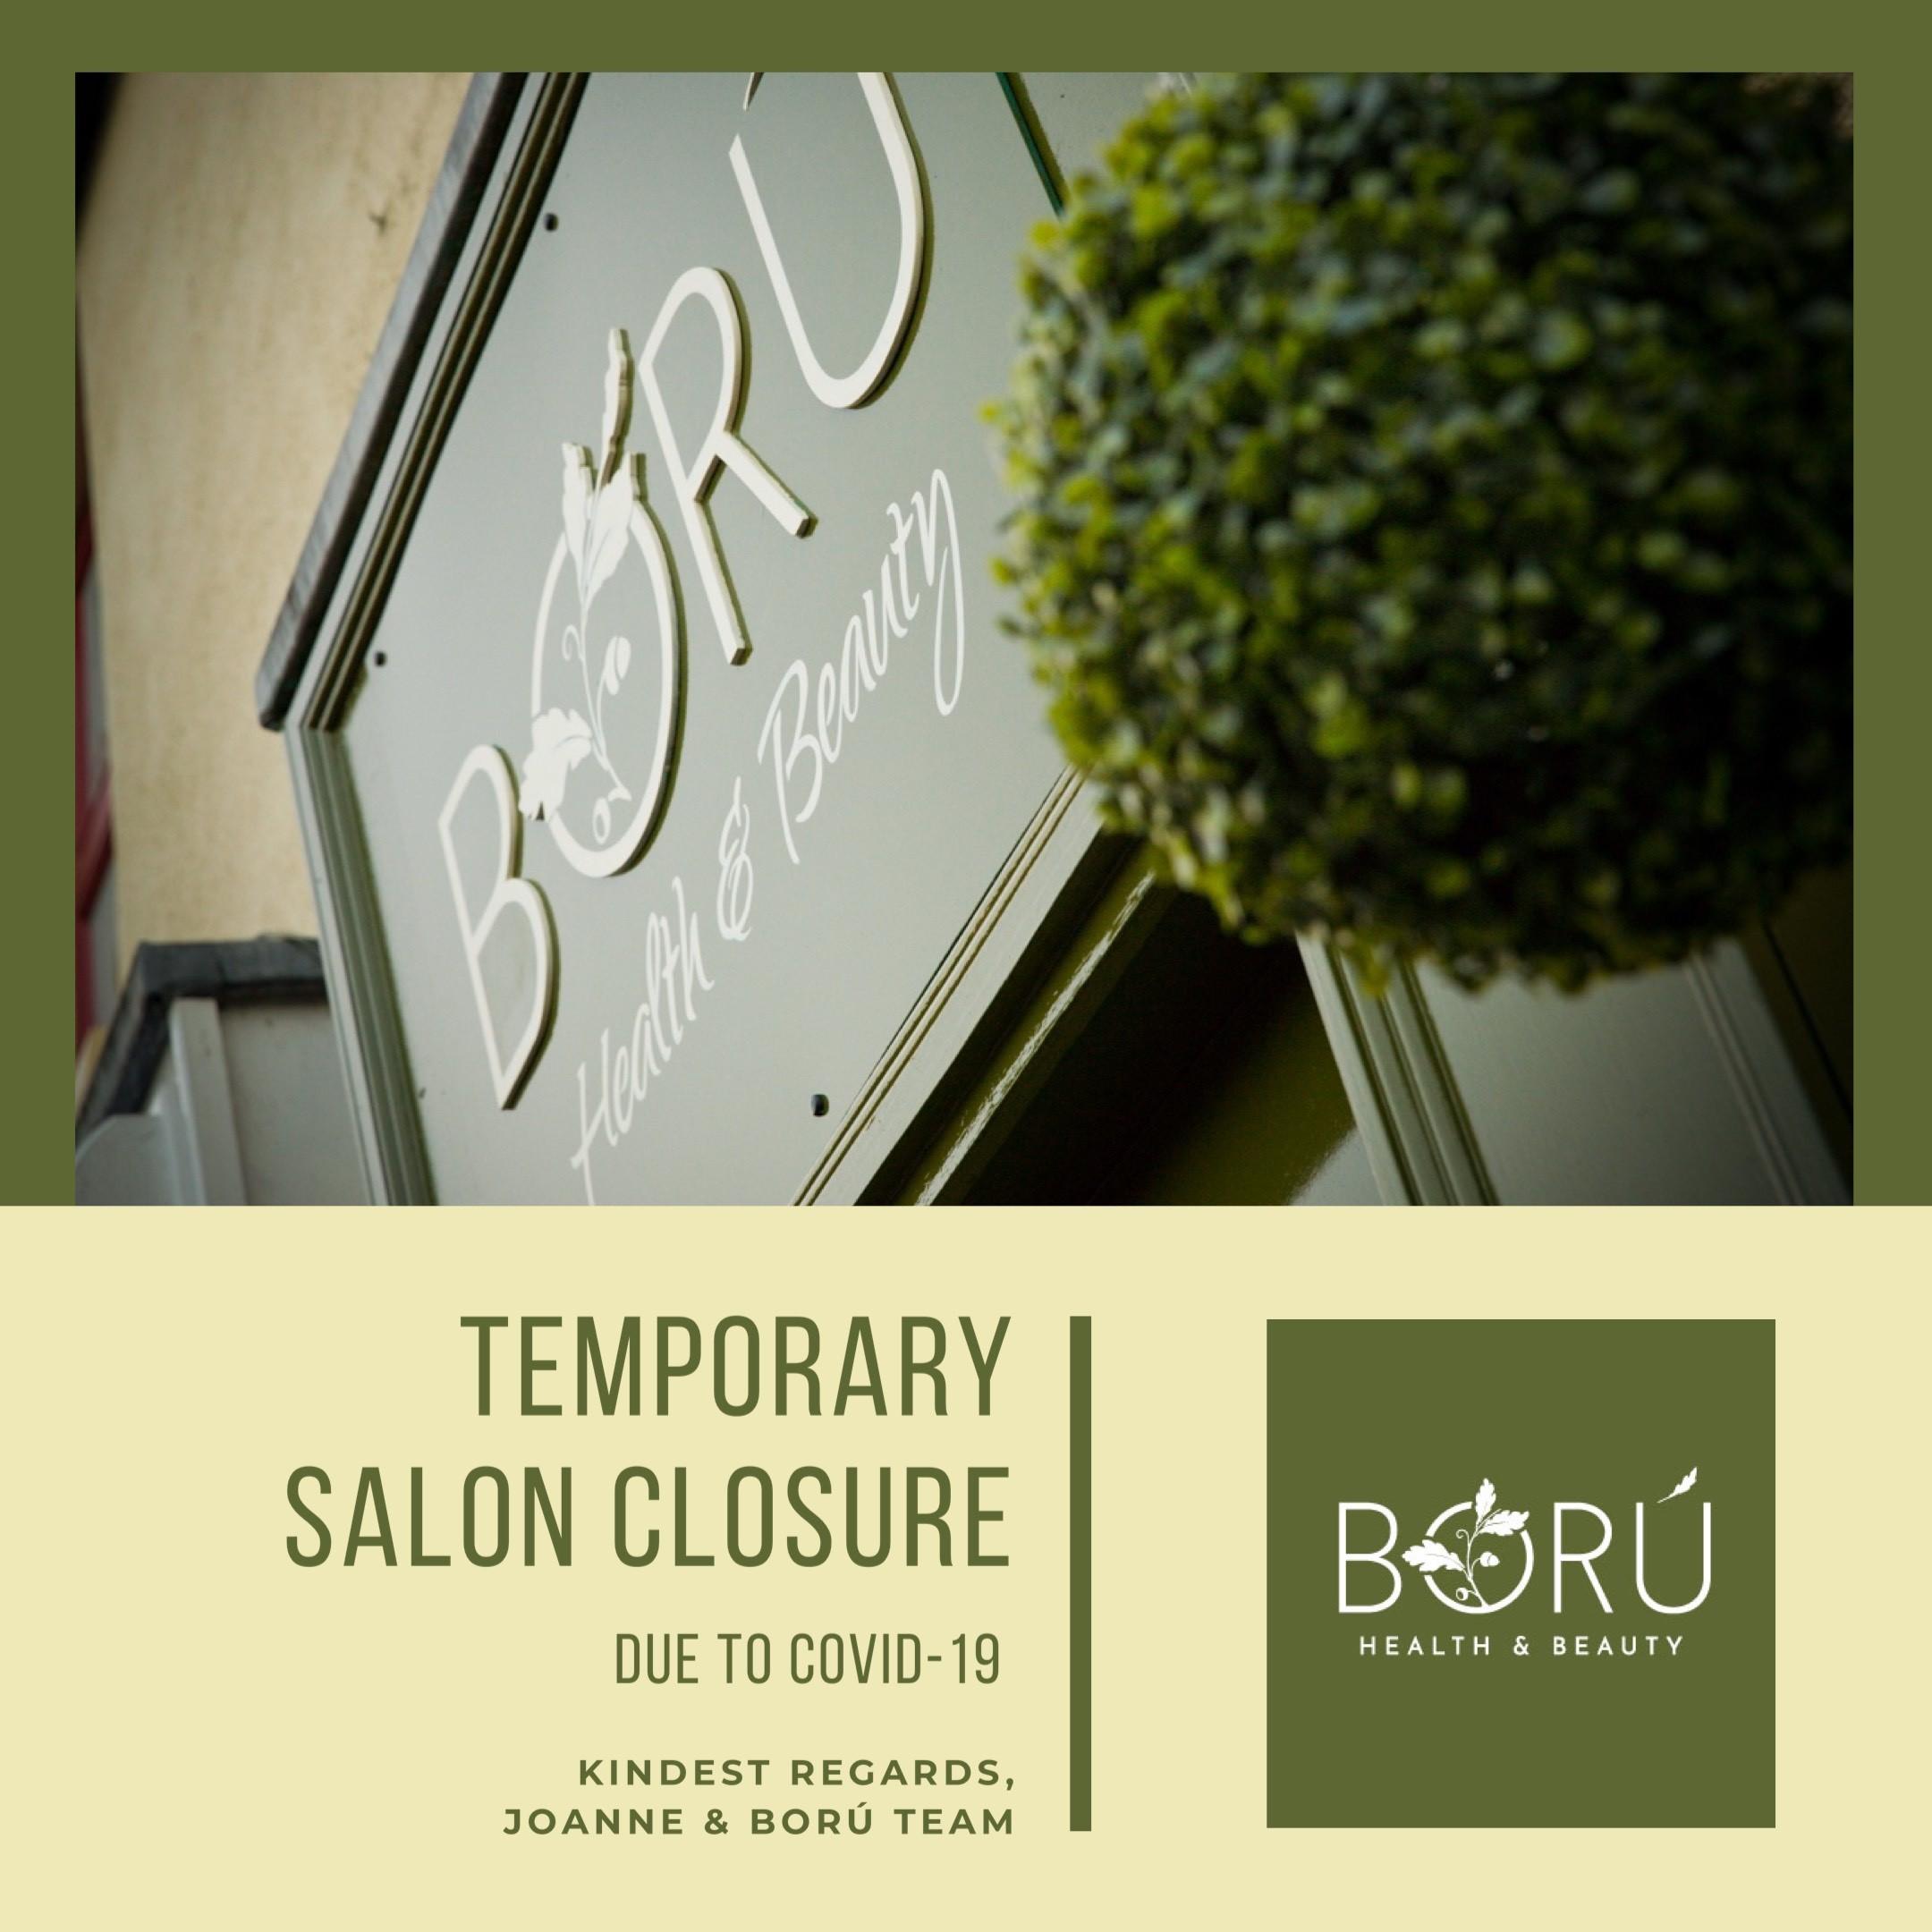 boru closure